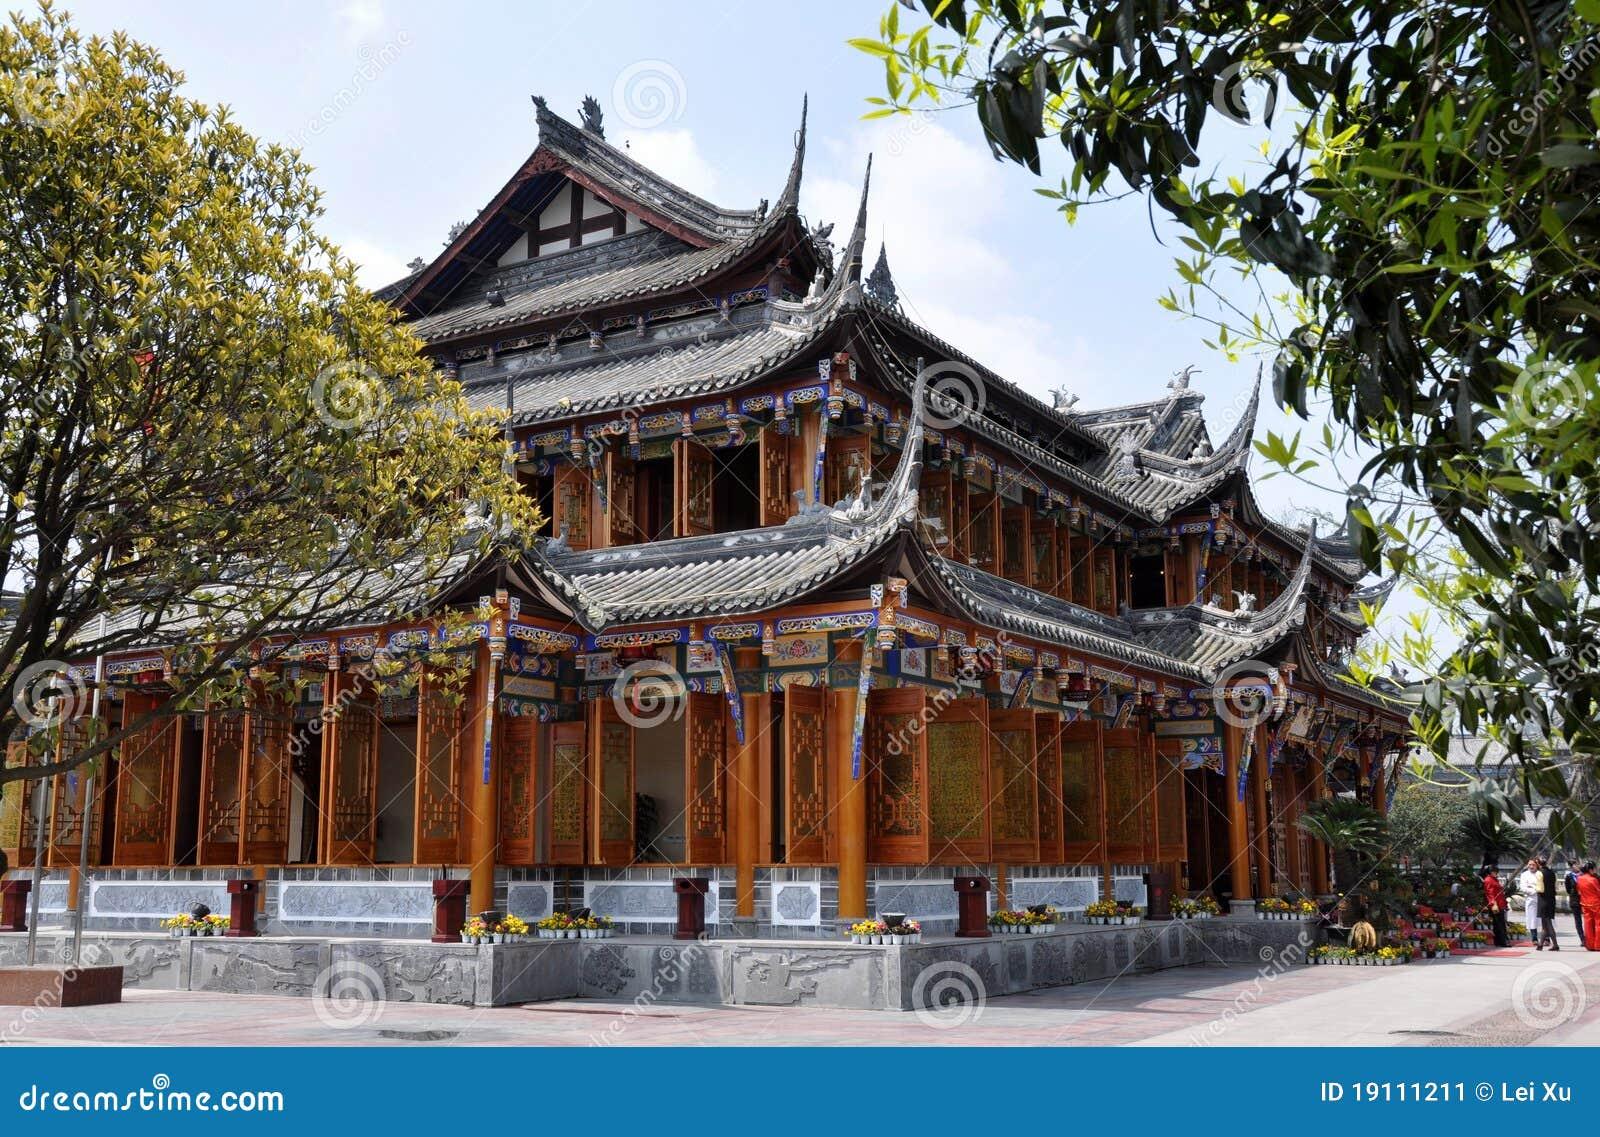 Dujiangyan, chine : salon de thé en bois classique photo éditorial ...